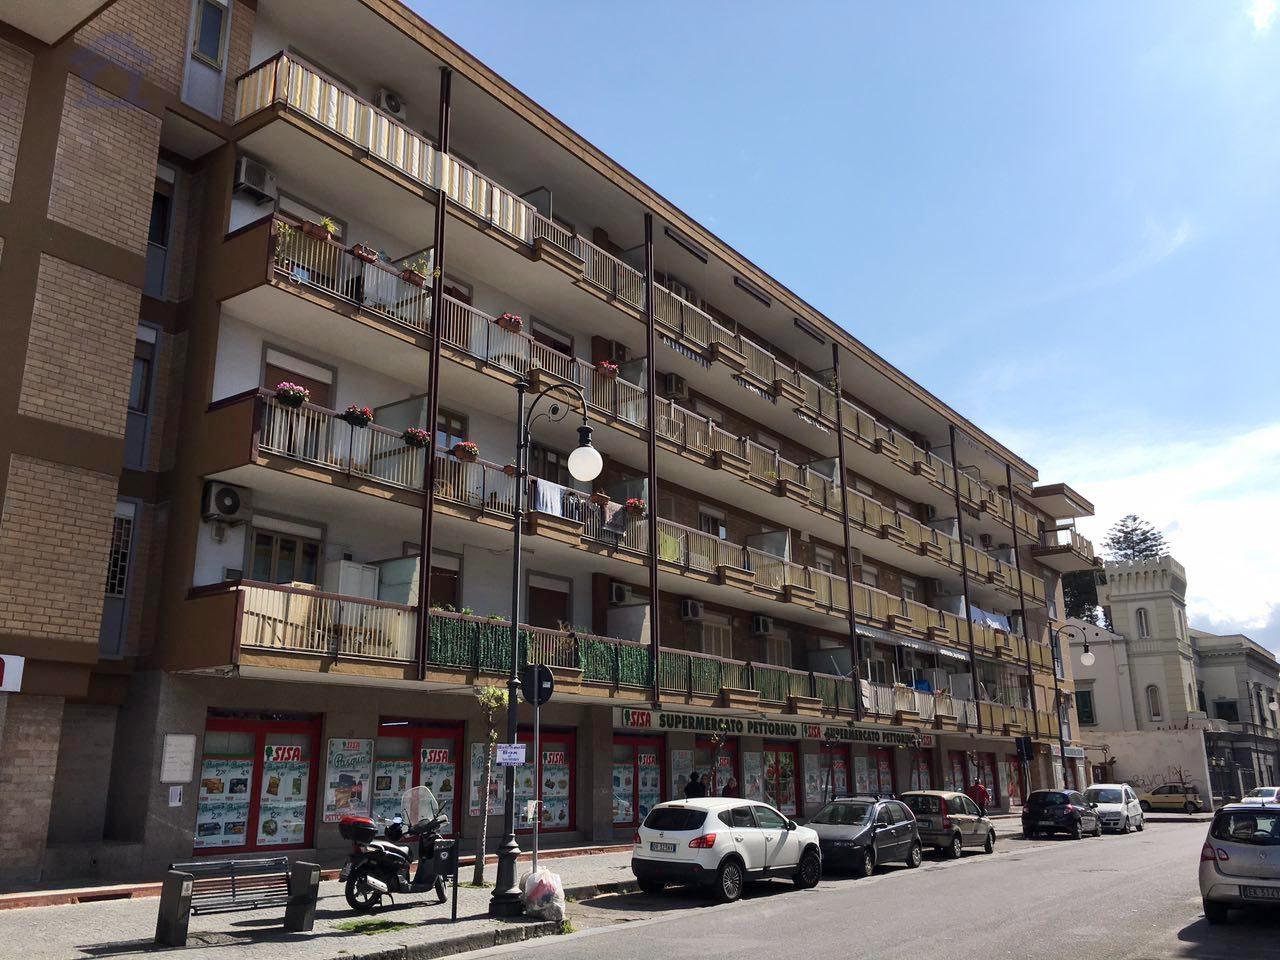 Appartamento in vendita a Torre Annunziata, 2 locali, zona Località: nord, prezzo € 190.000 | Cambio Casa.it